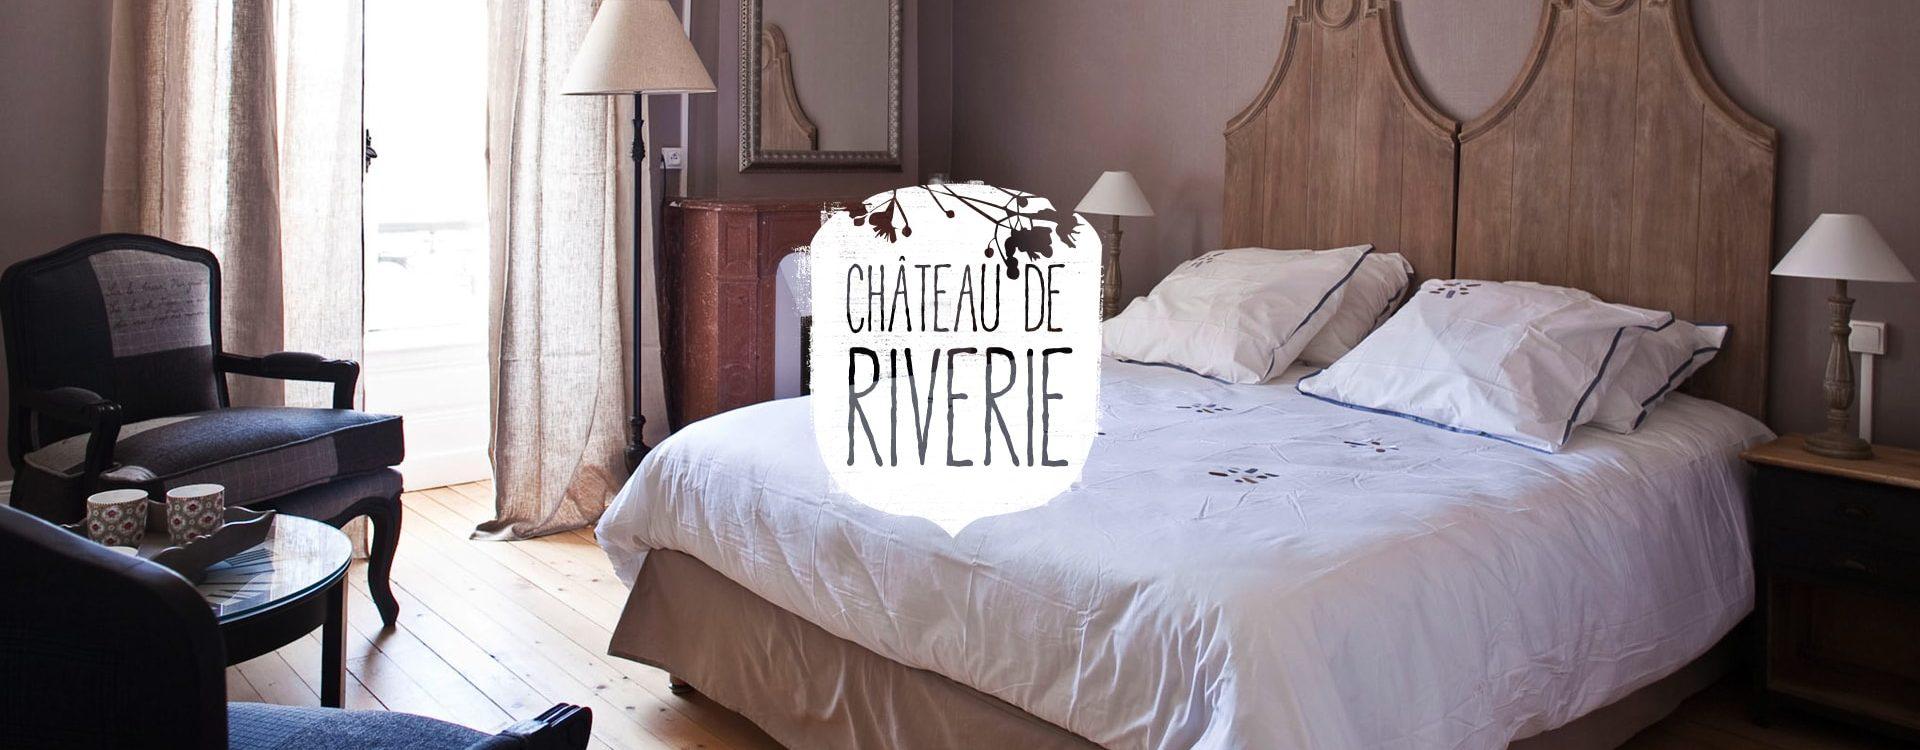 Château de Riverie – Chambres et table d'hôtes dans les Monts du Lyonnais